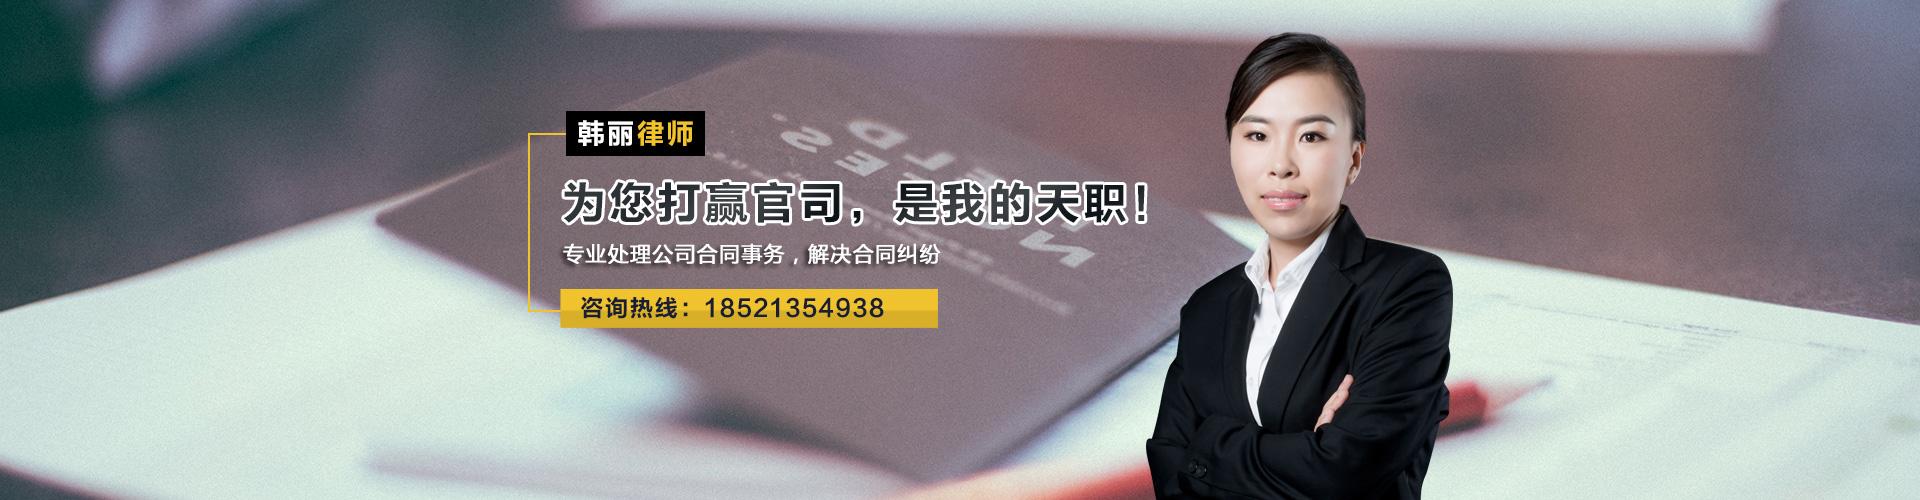 上海韩丽律师